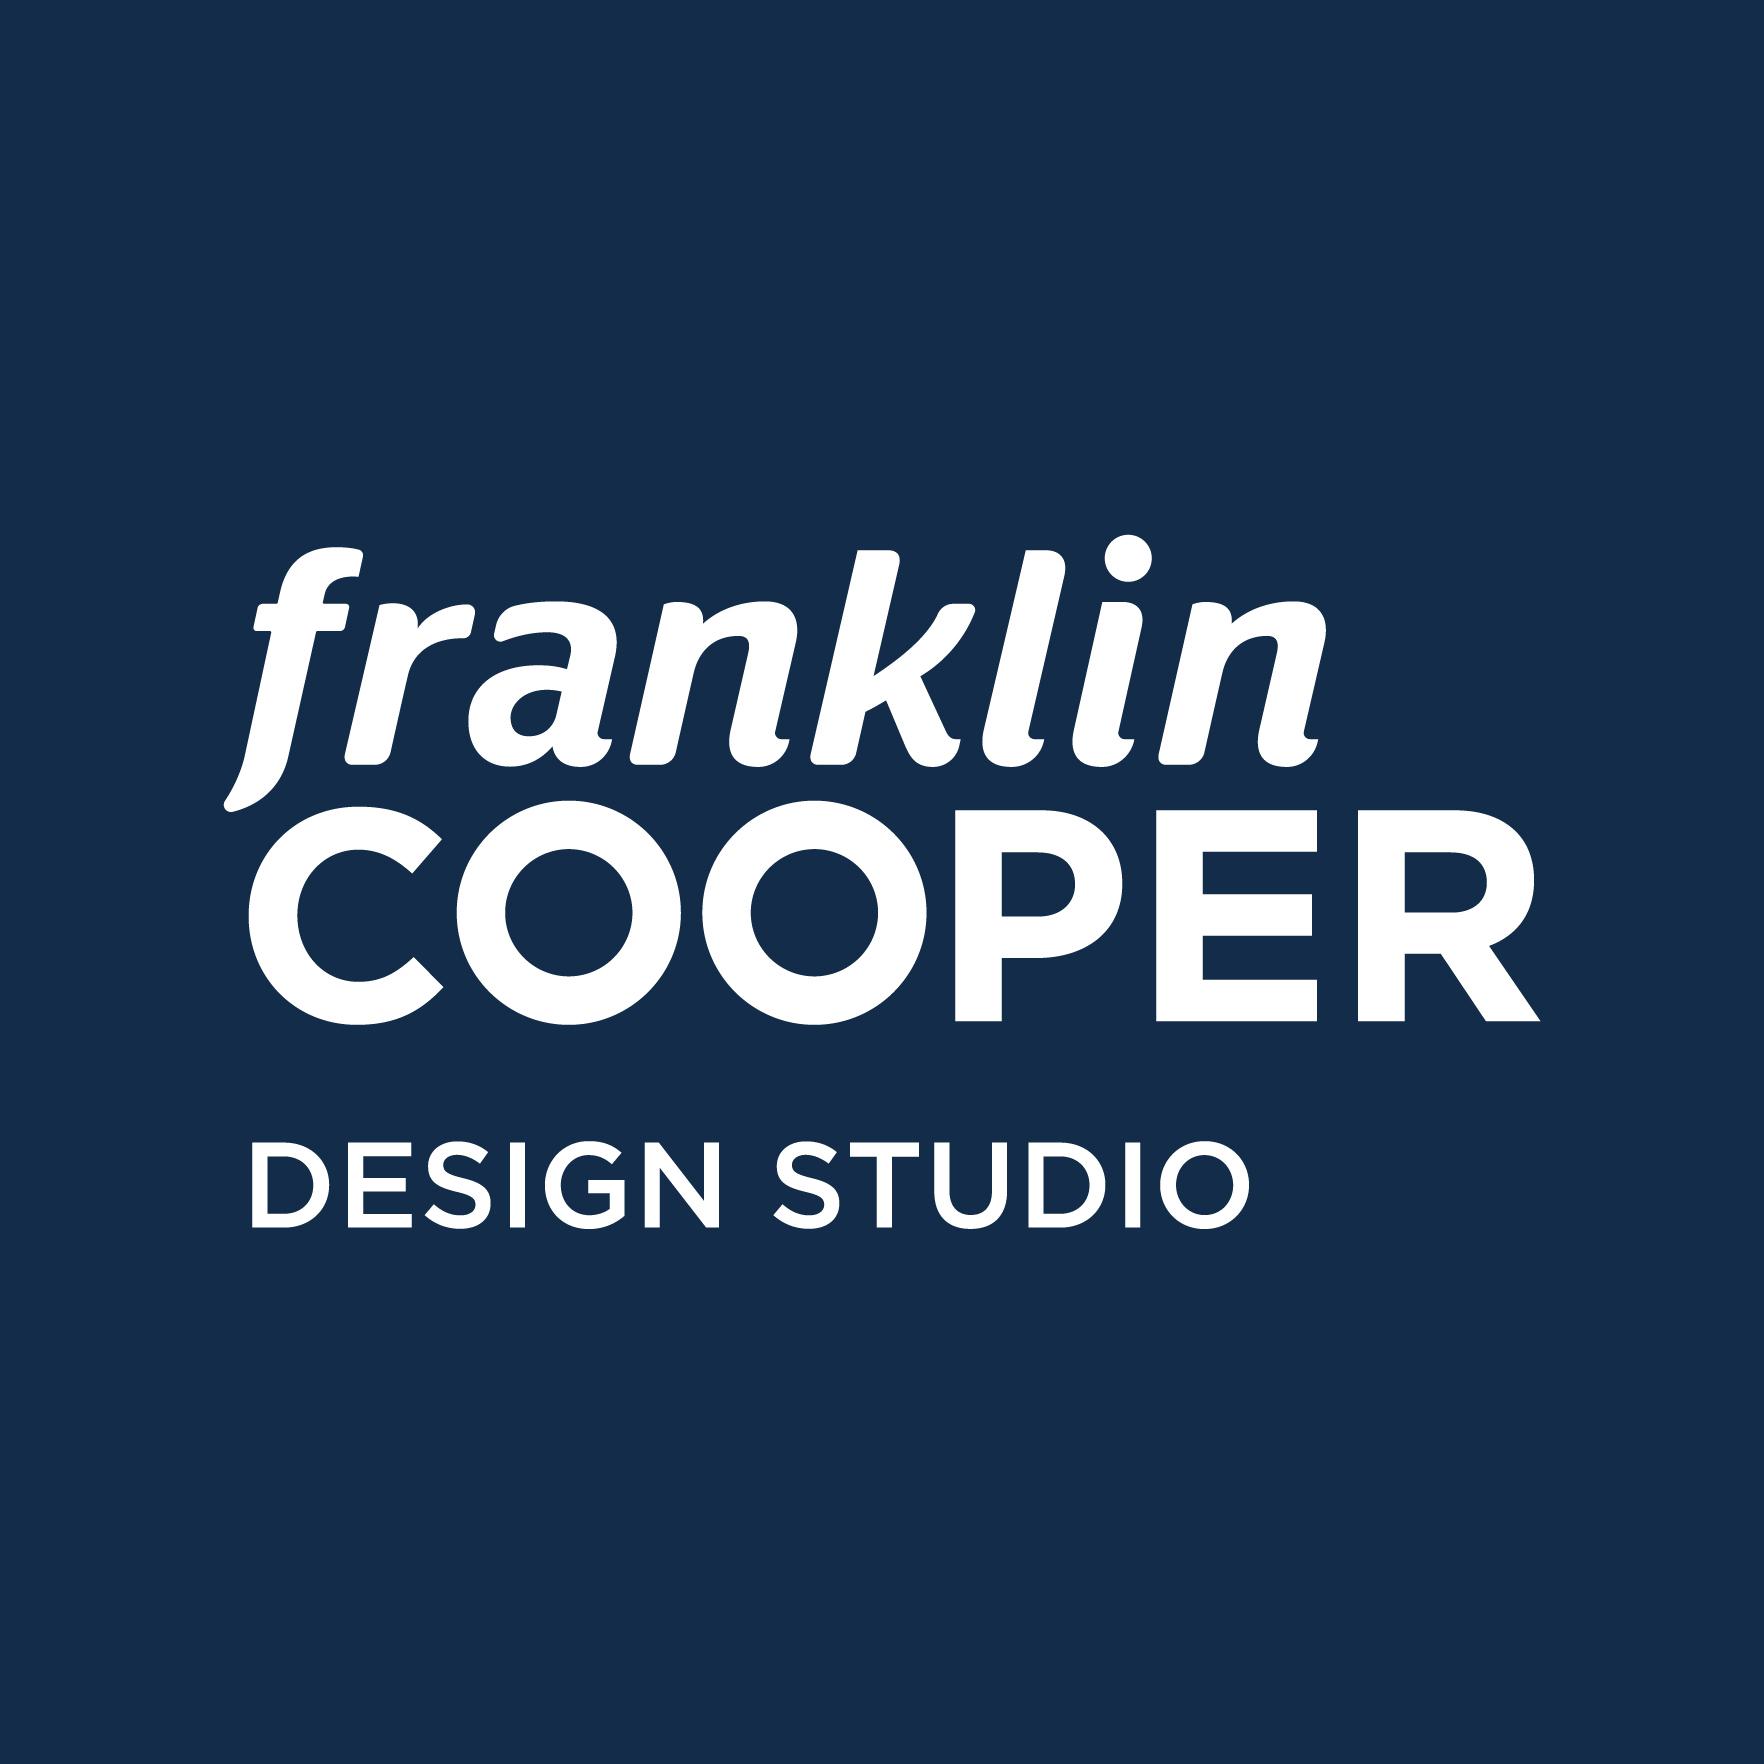 Franklin Cooper Design Studio on LogoLounge